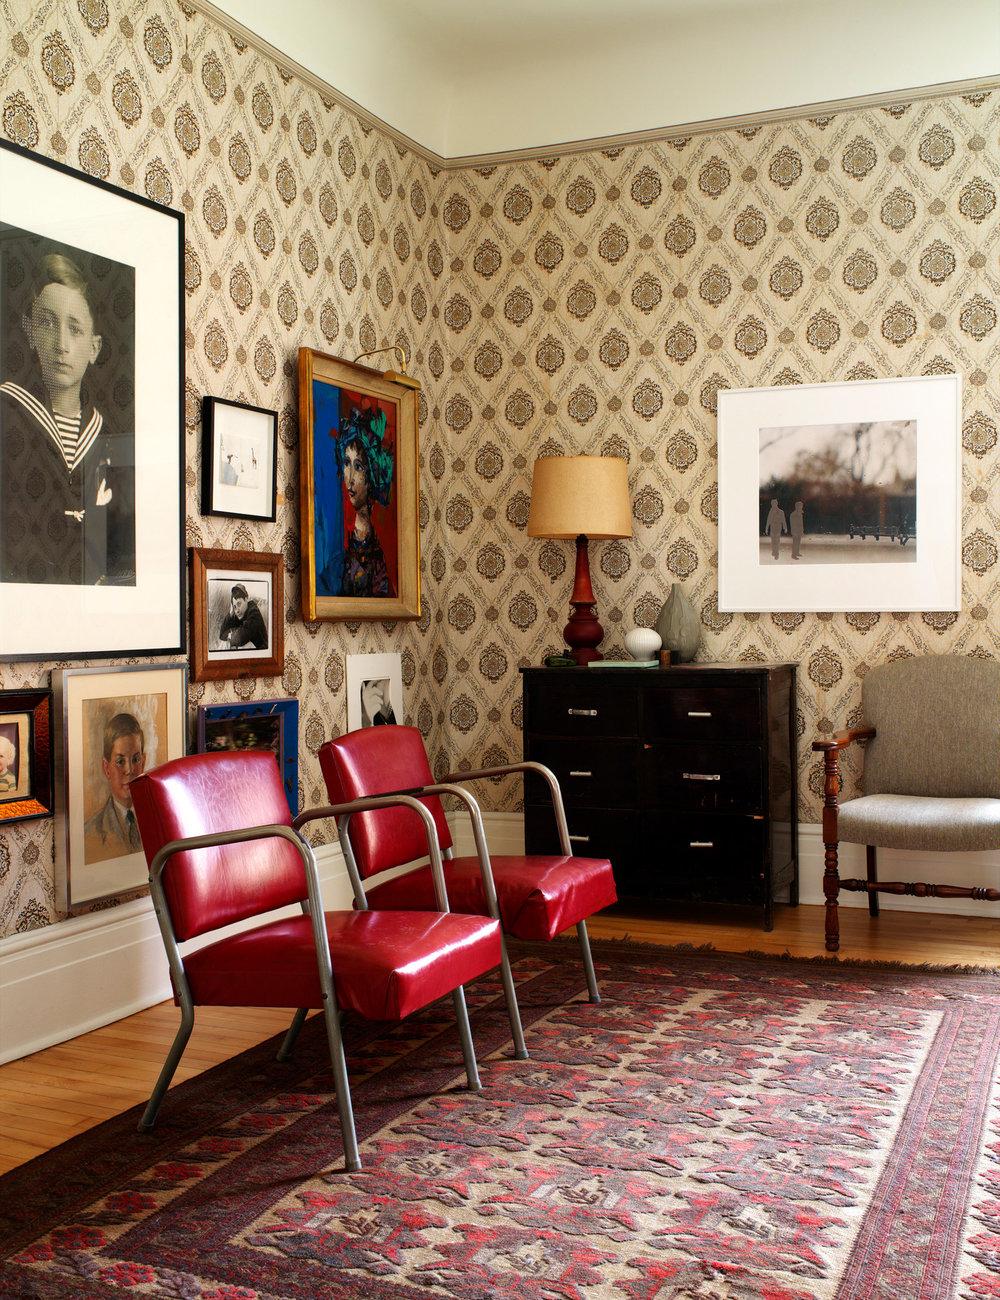 218807-10855082-livingroom_jpg.jpg